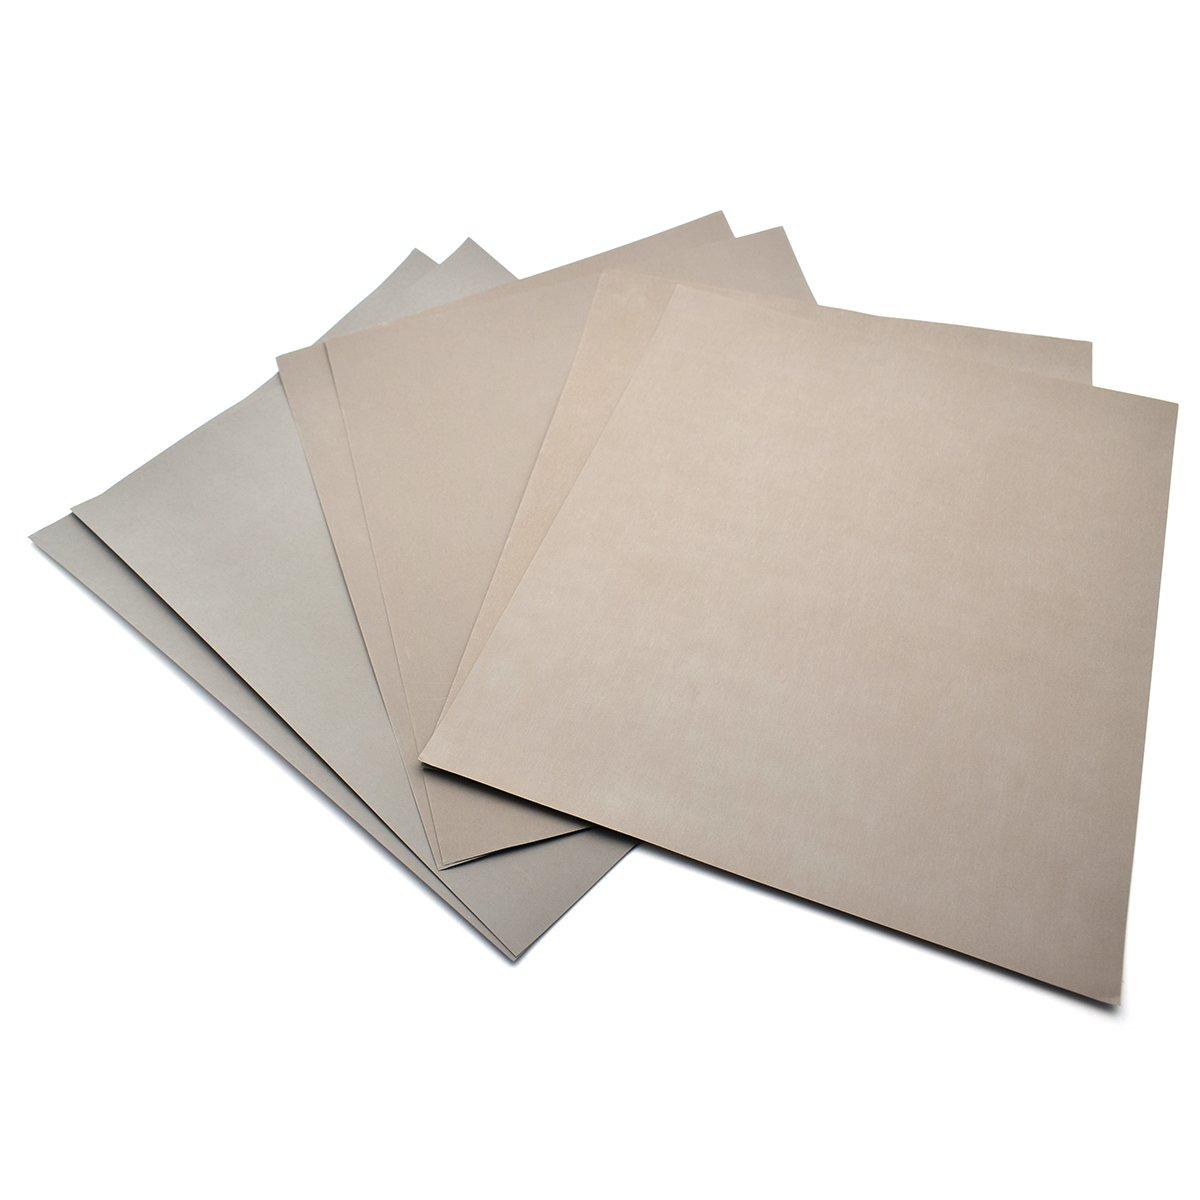 230x 280mm Grain mixte 2par 3000/5000/7000papier abrasif à sec/humide papier imperméable Lot de 6 KEEJEA 753